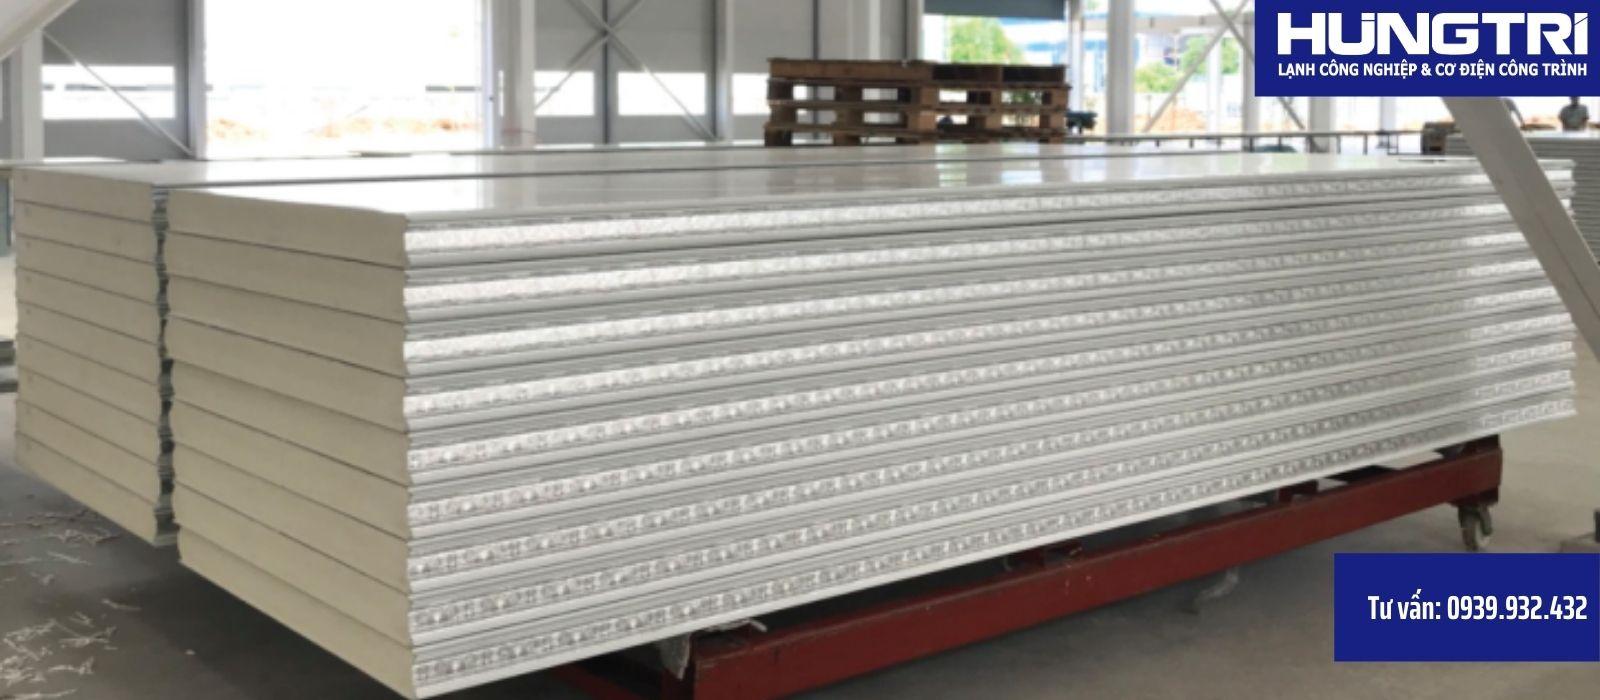 Panel Pu dày 125mm